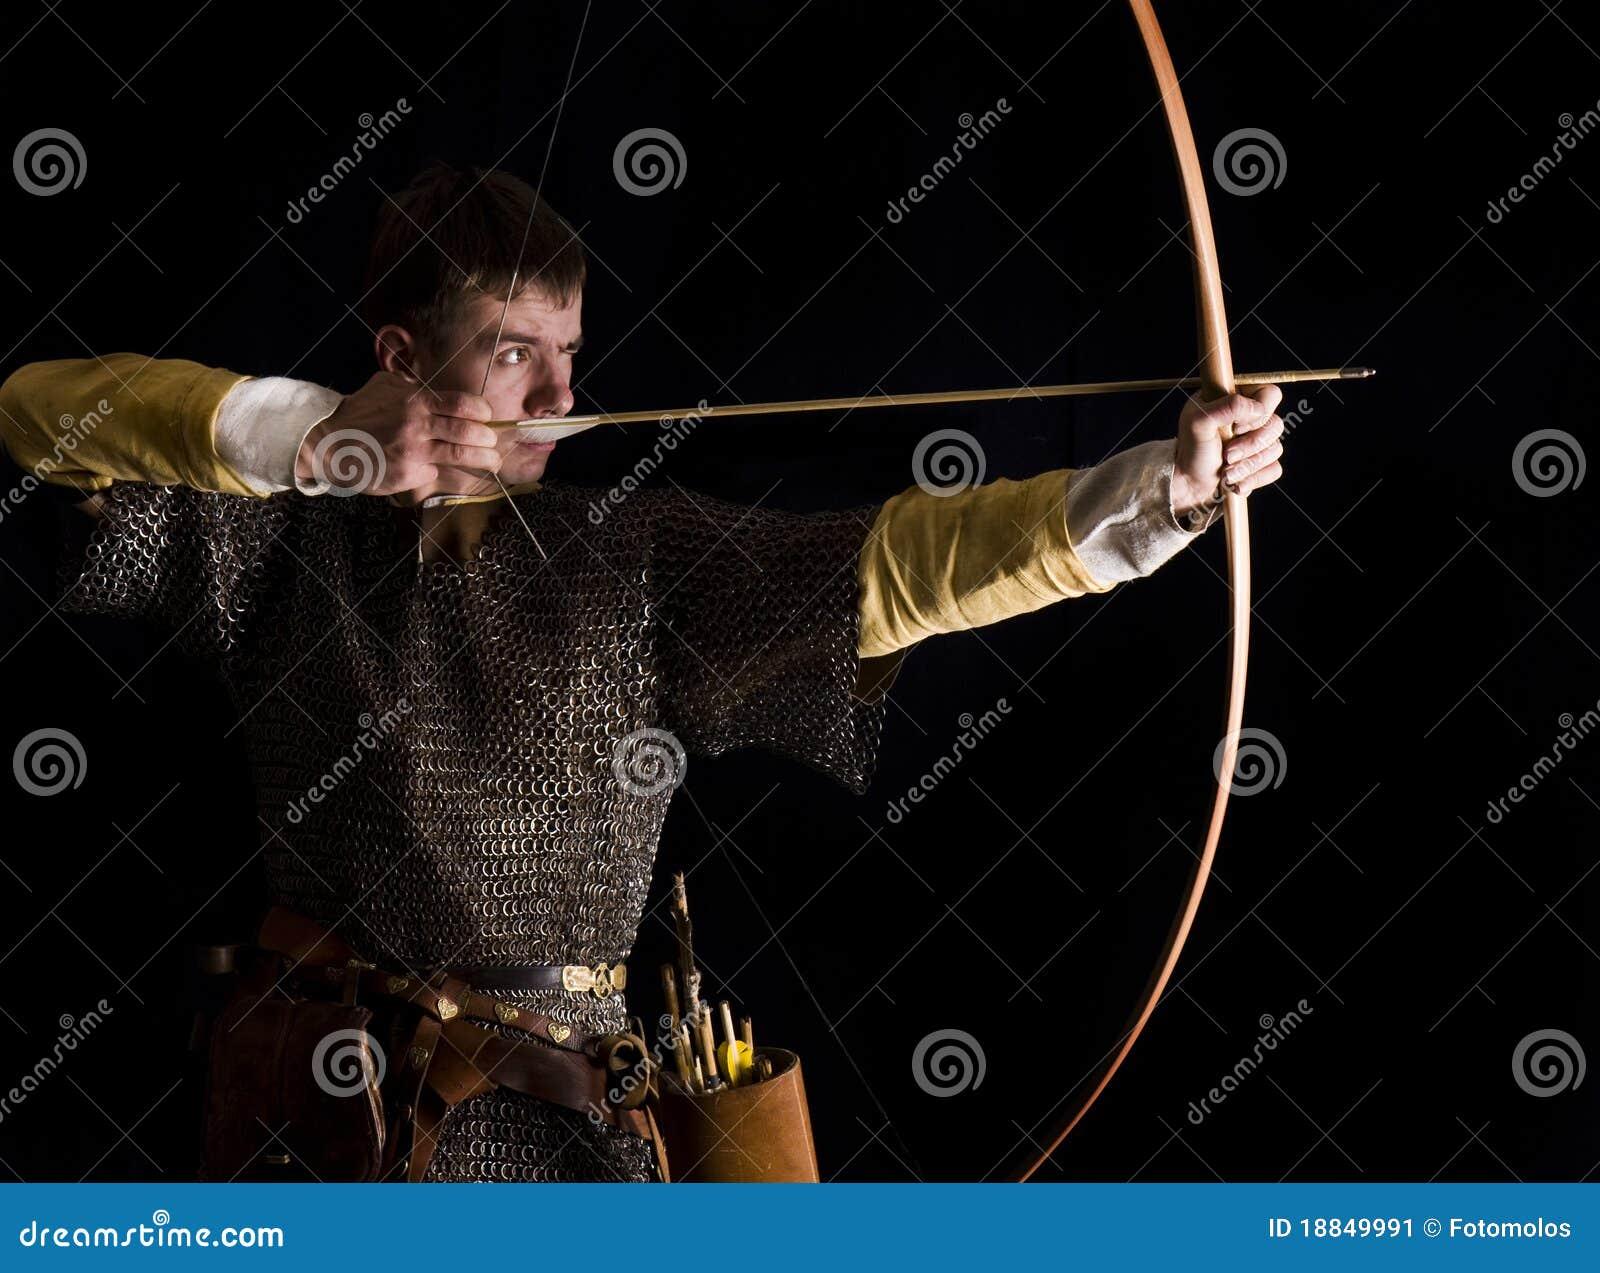 Средневековый стрелок. Съемка студии